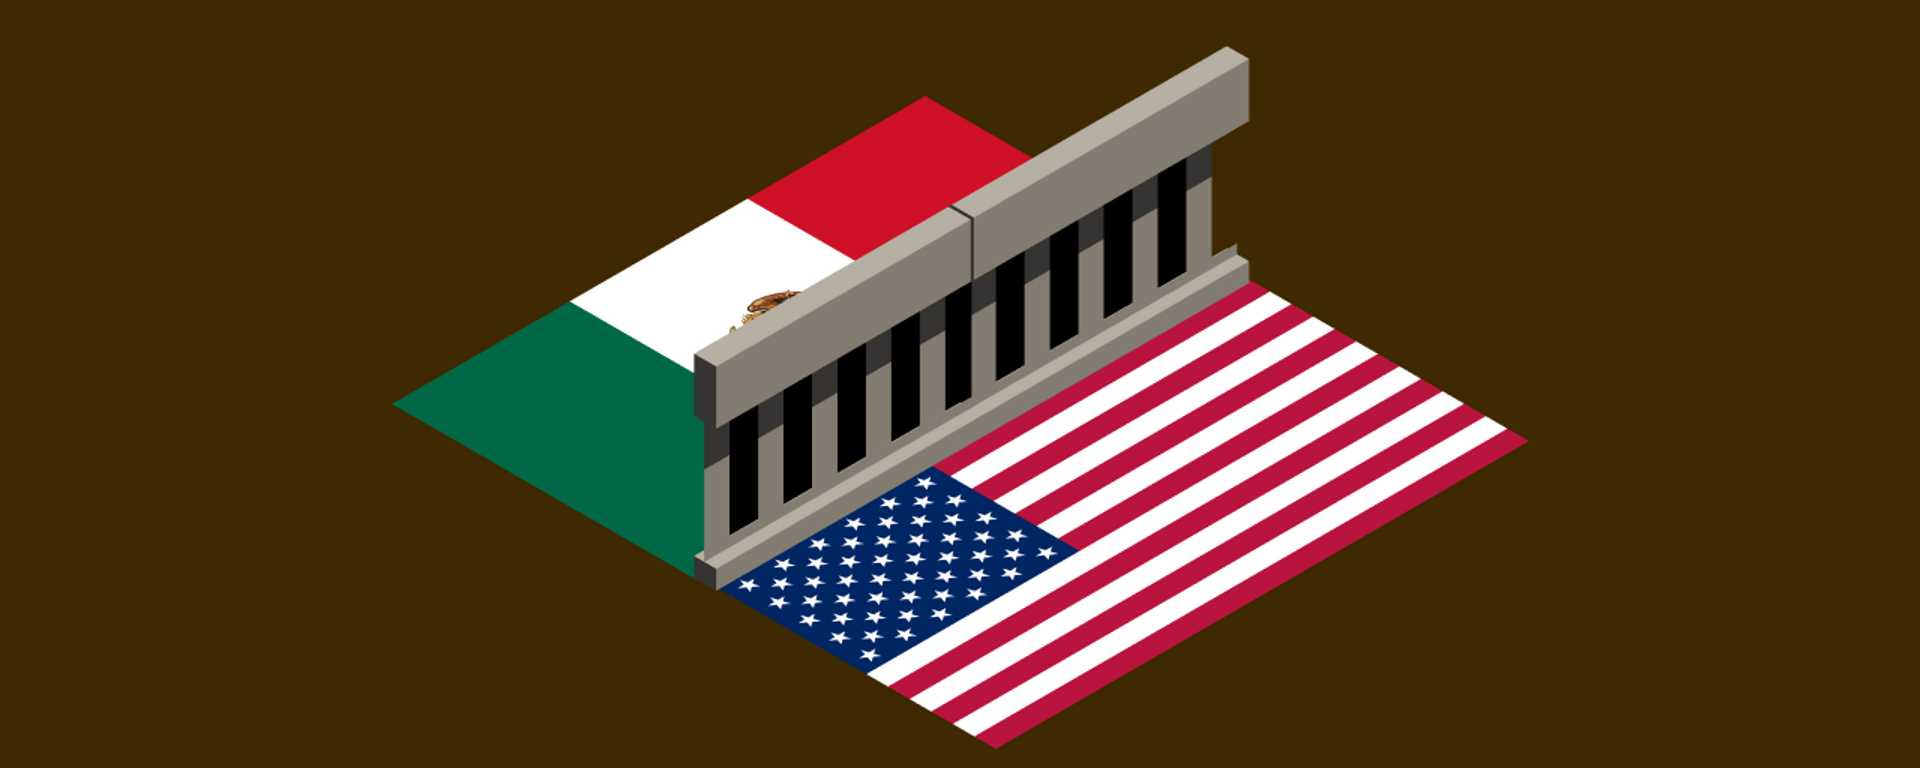 El muro fronterizo entre EEUU y México, la línea que separa dos mundos - Sputnik Mundo, 1920, 15.05.2021